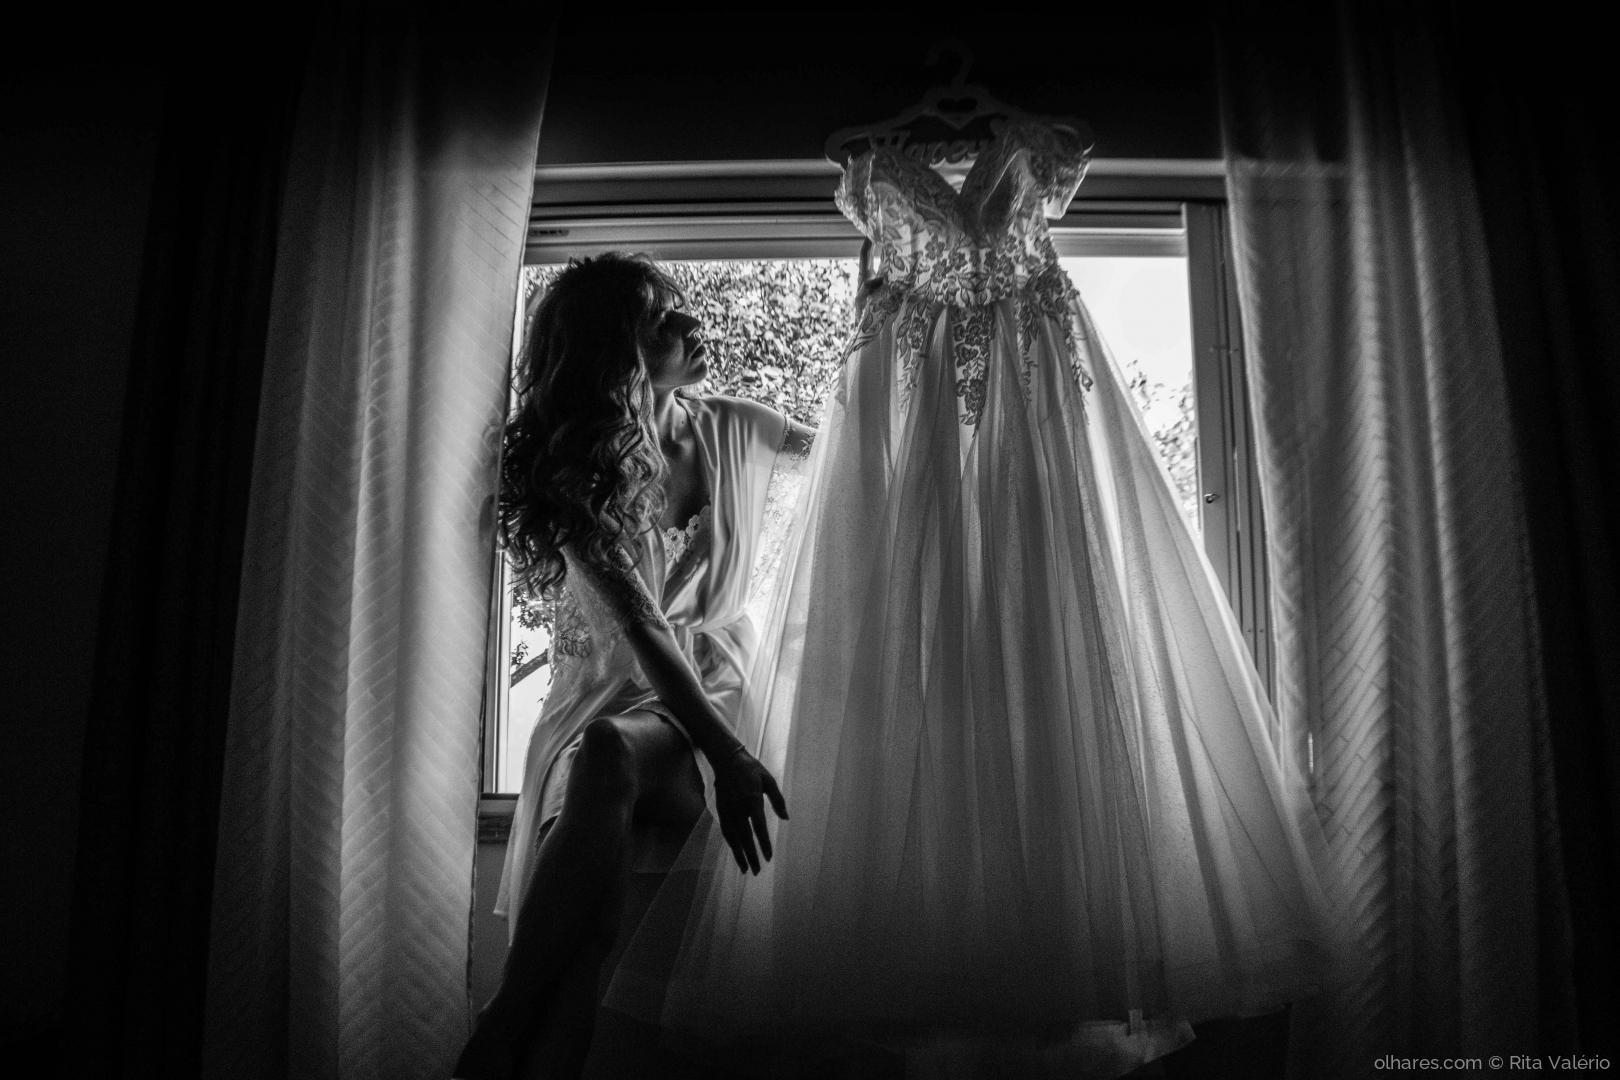 Gentes e Locais/the dress